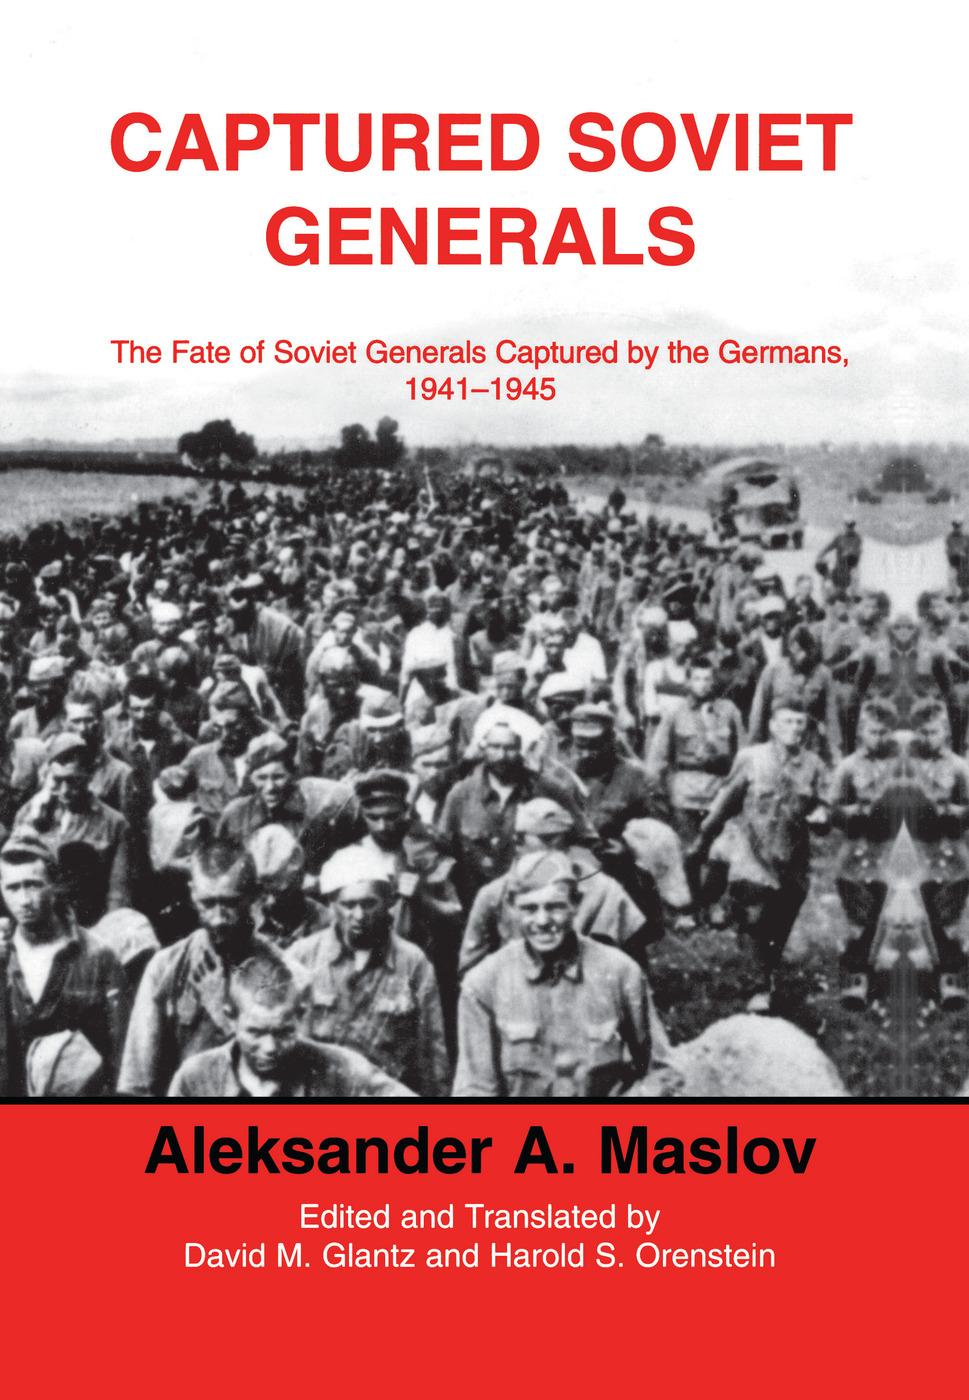 Captured Soviet Generals